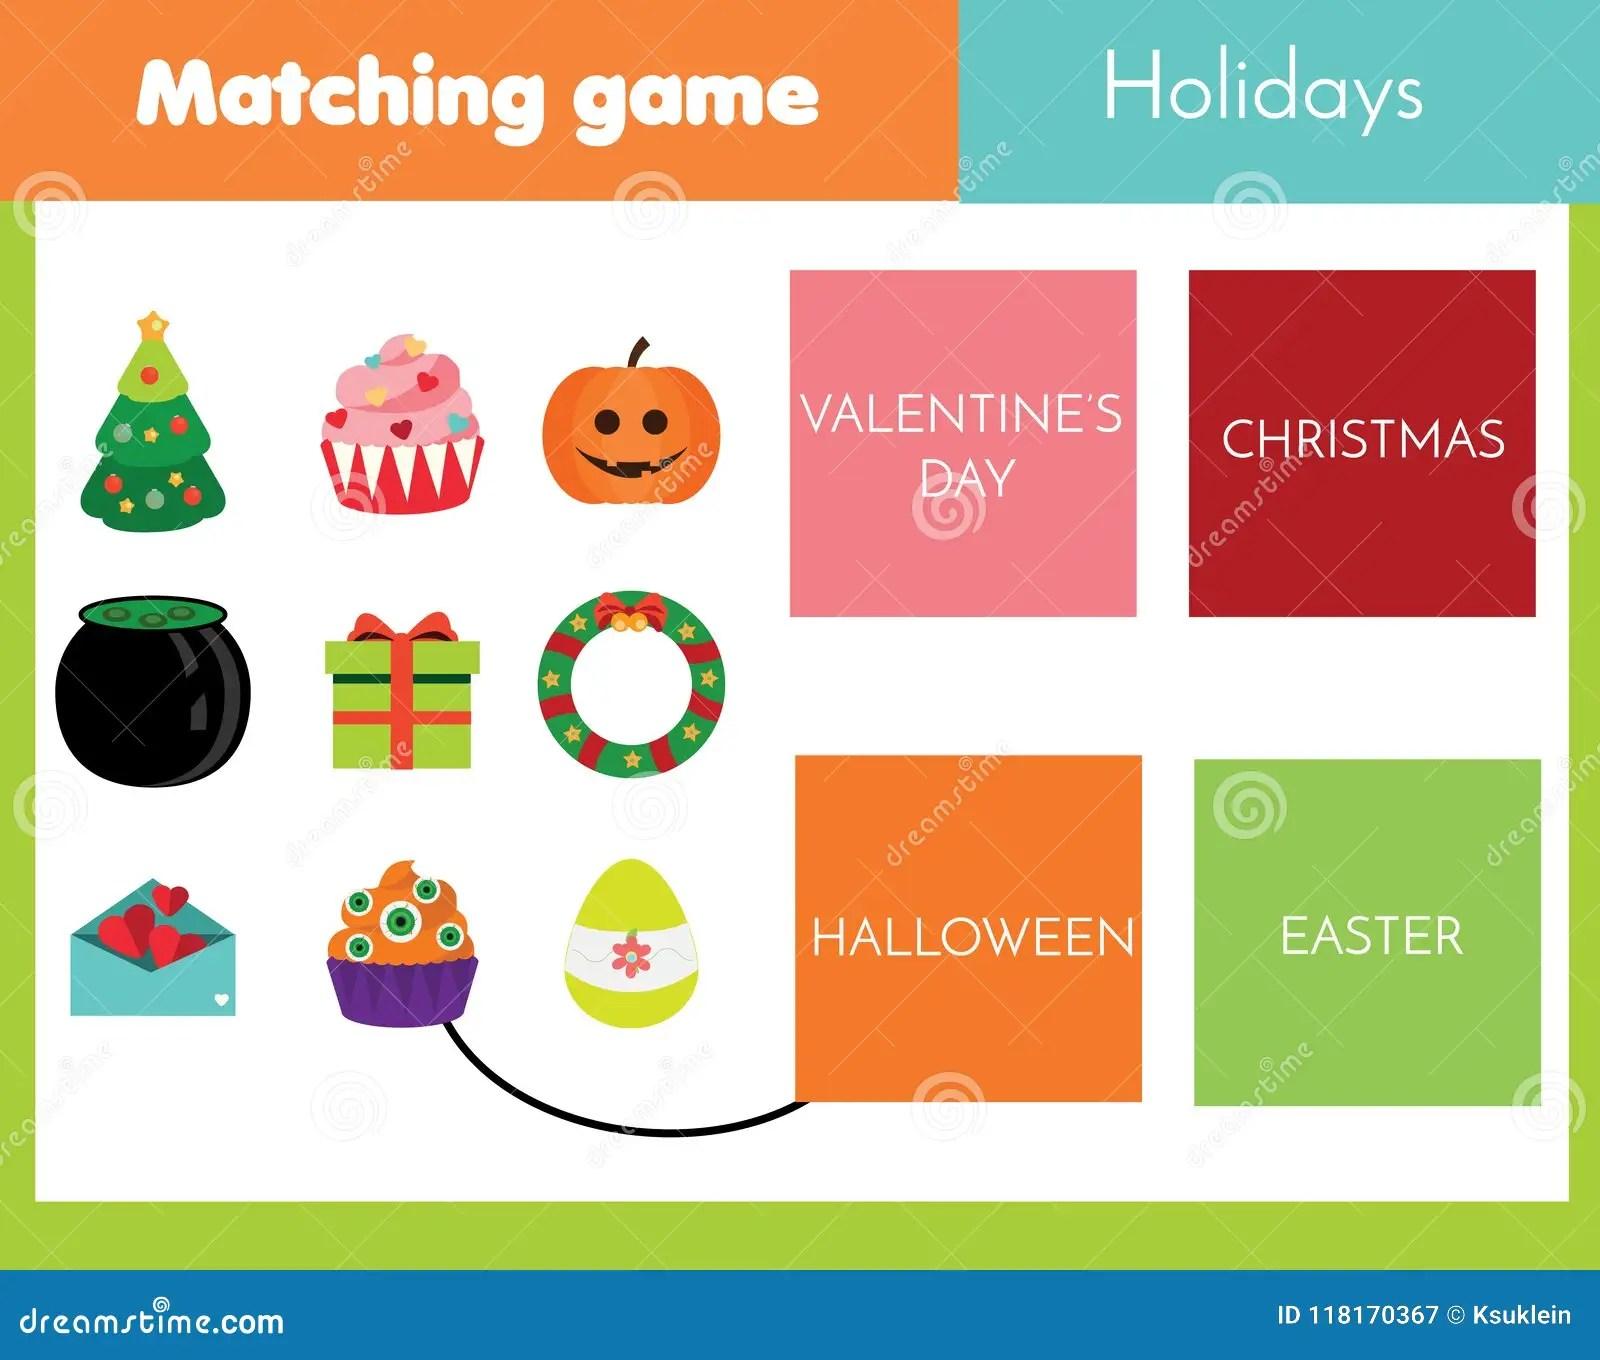 Holiday Worksheet For Kindergarten